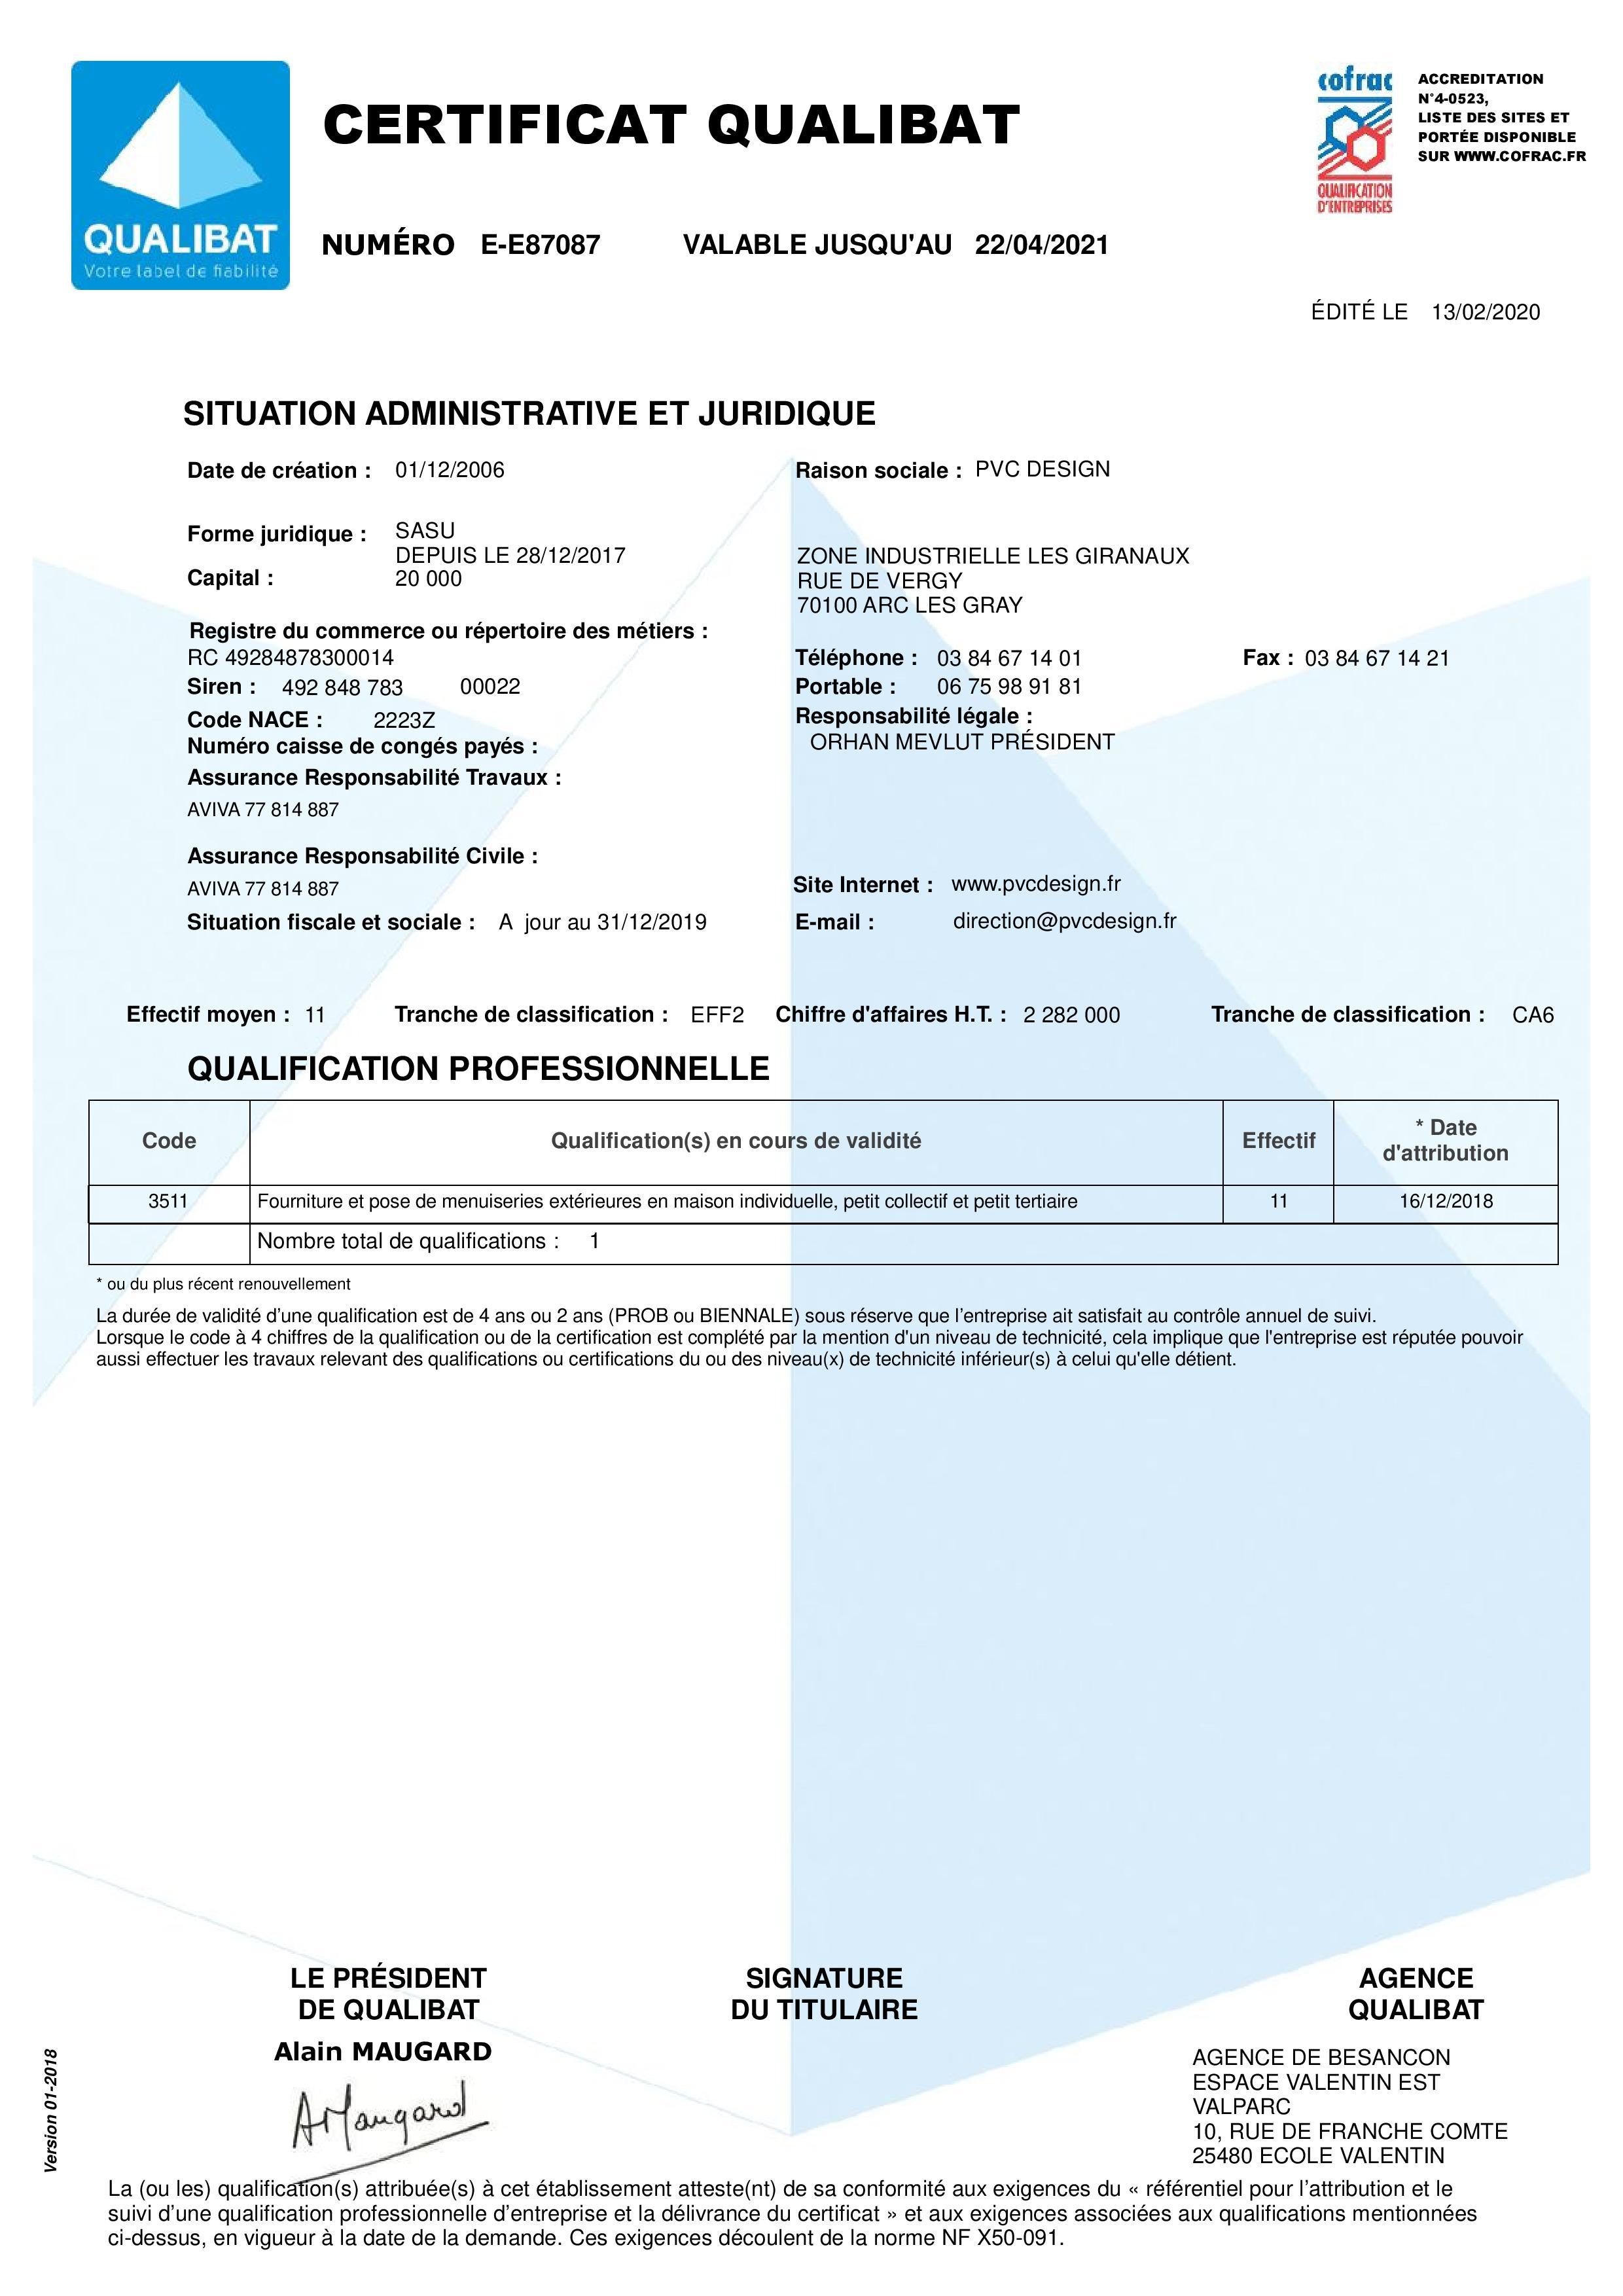 D25-Certificat-87087-PVC DESIGN-E87087-1-20200213-page-001